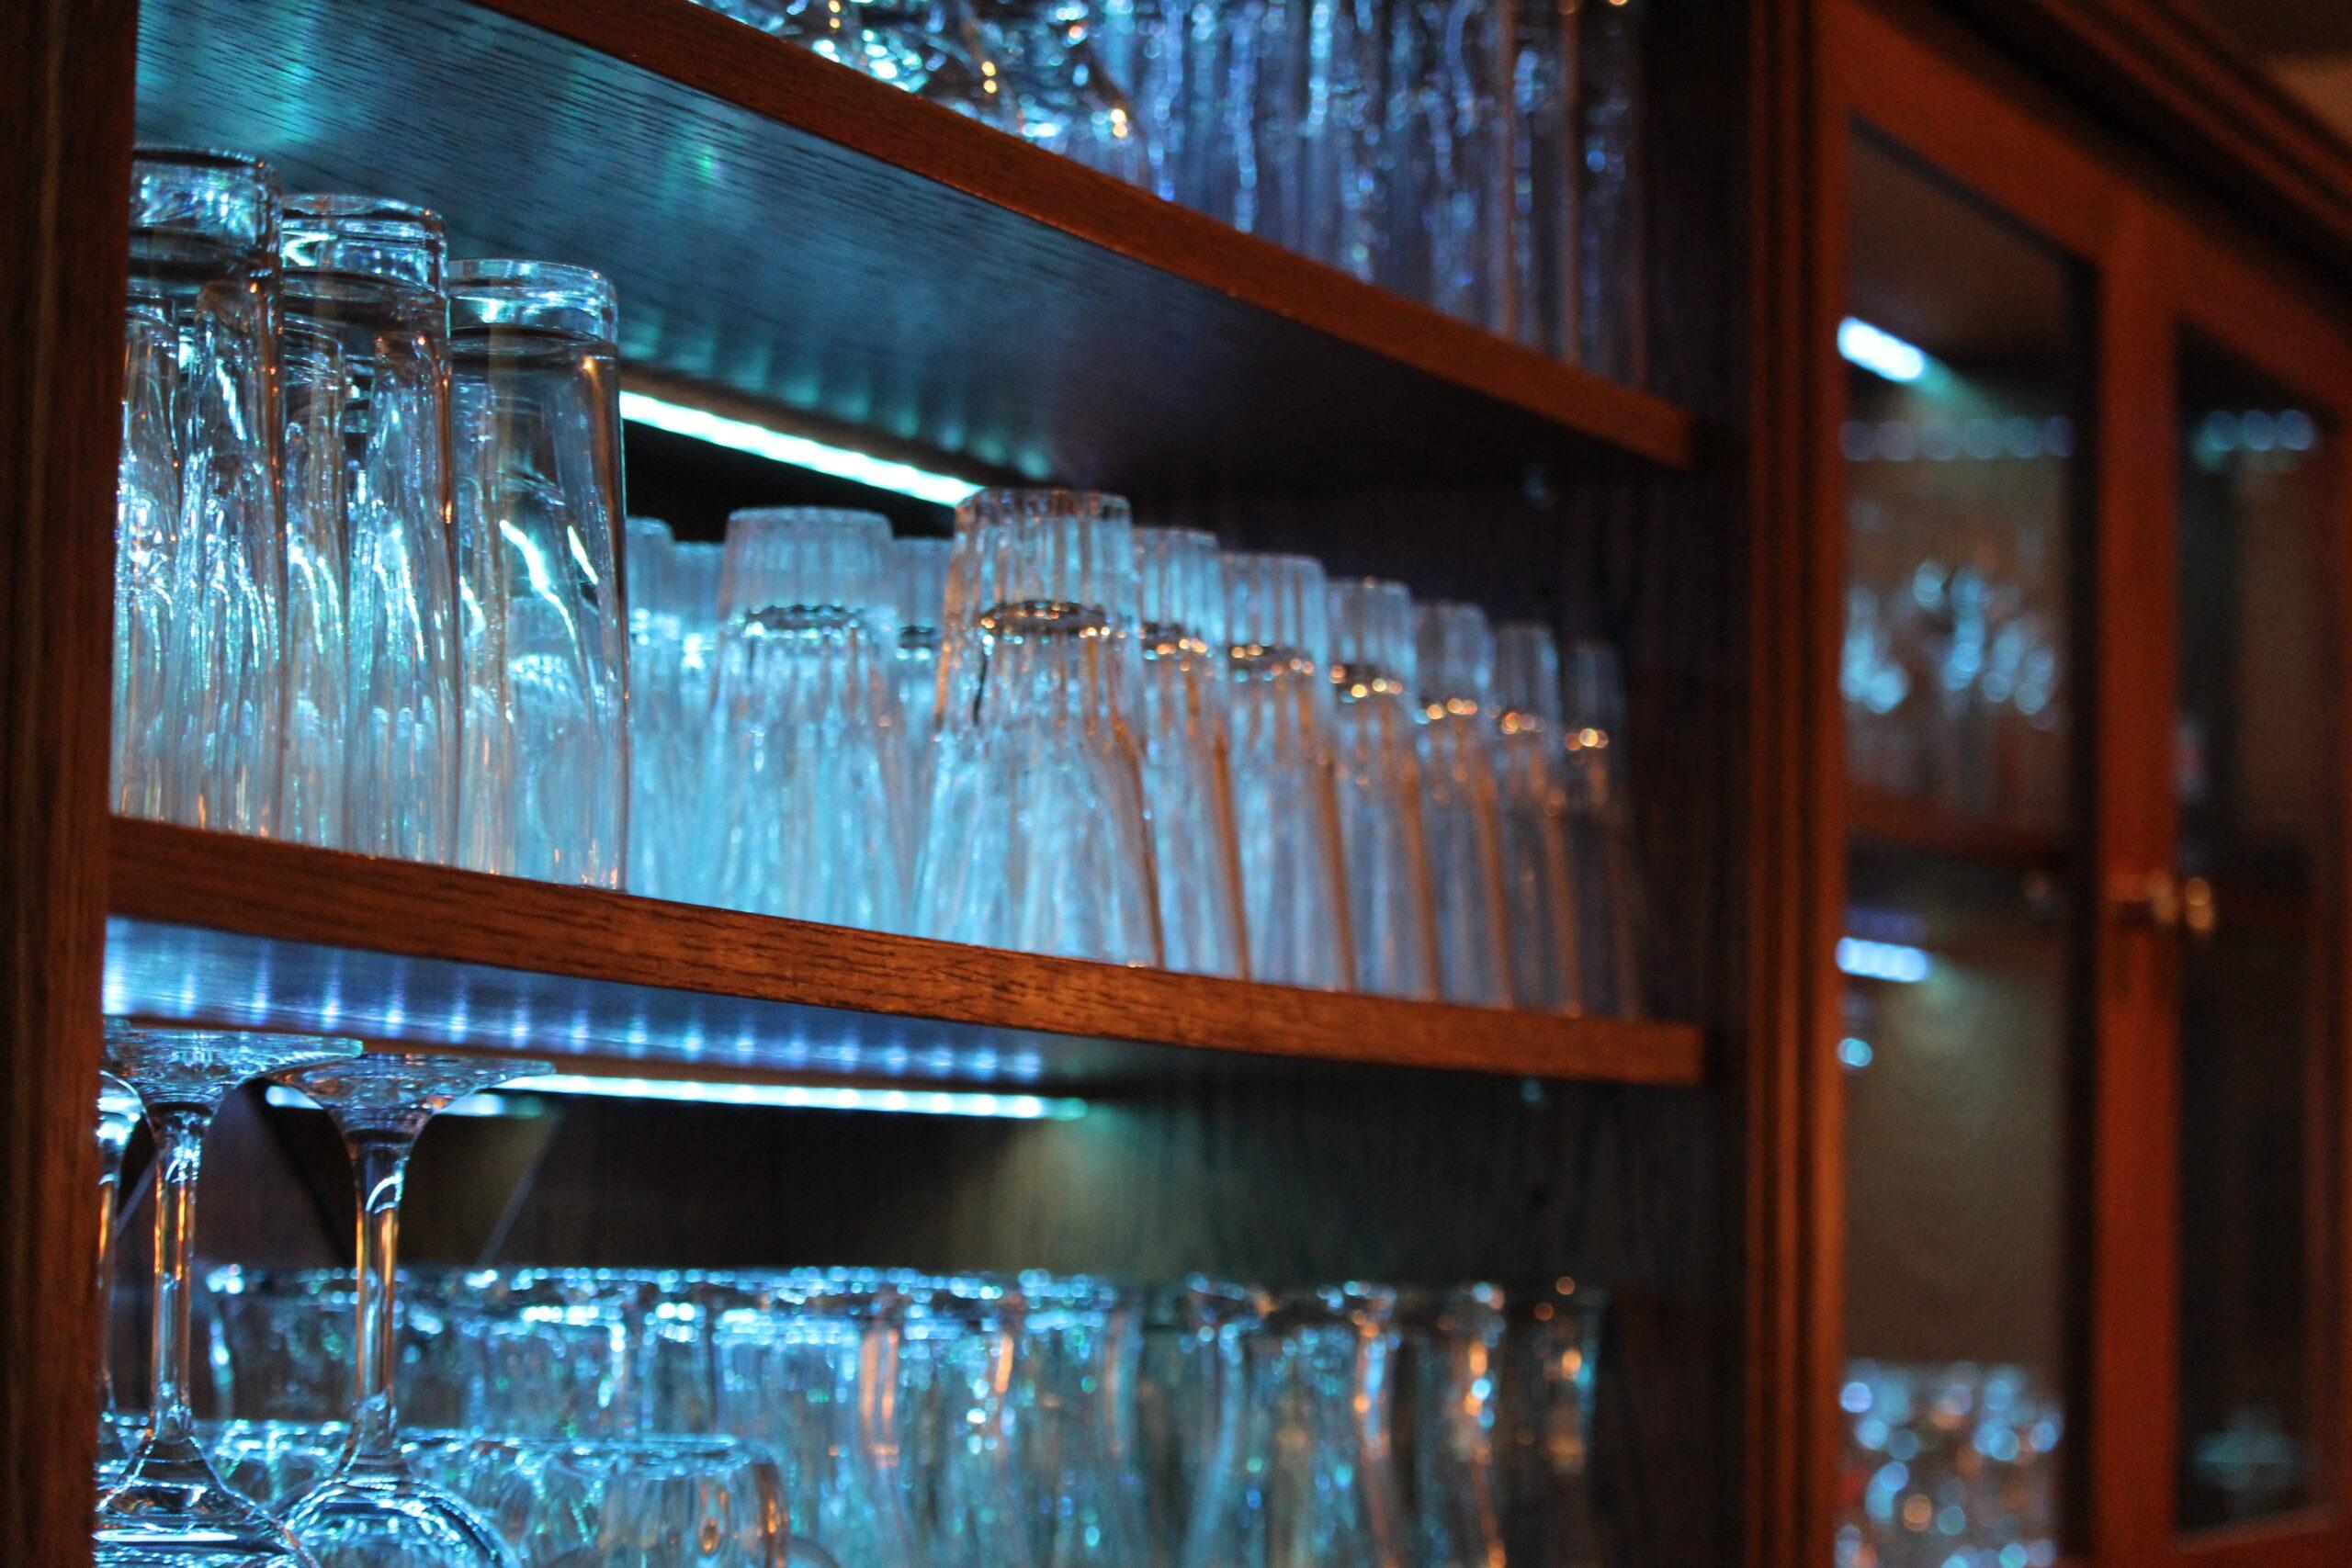 Nahaufnahme von eine Gläservitrine die mit blauen LED-Licht beleuchtet sind